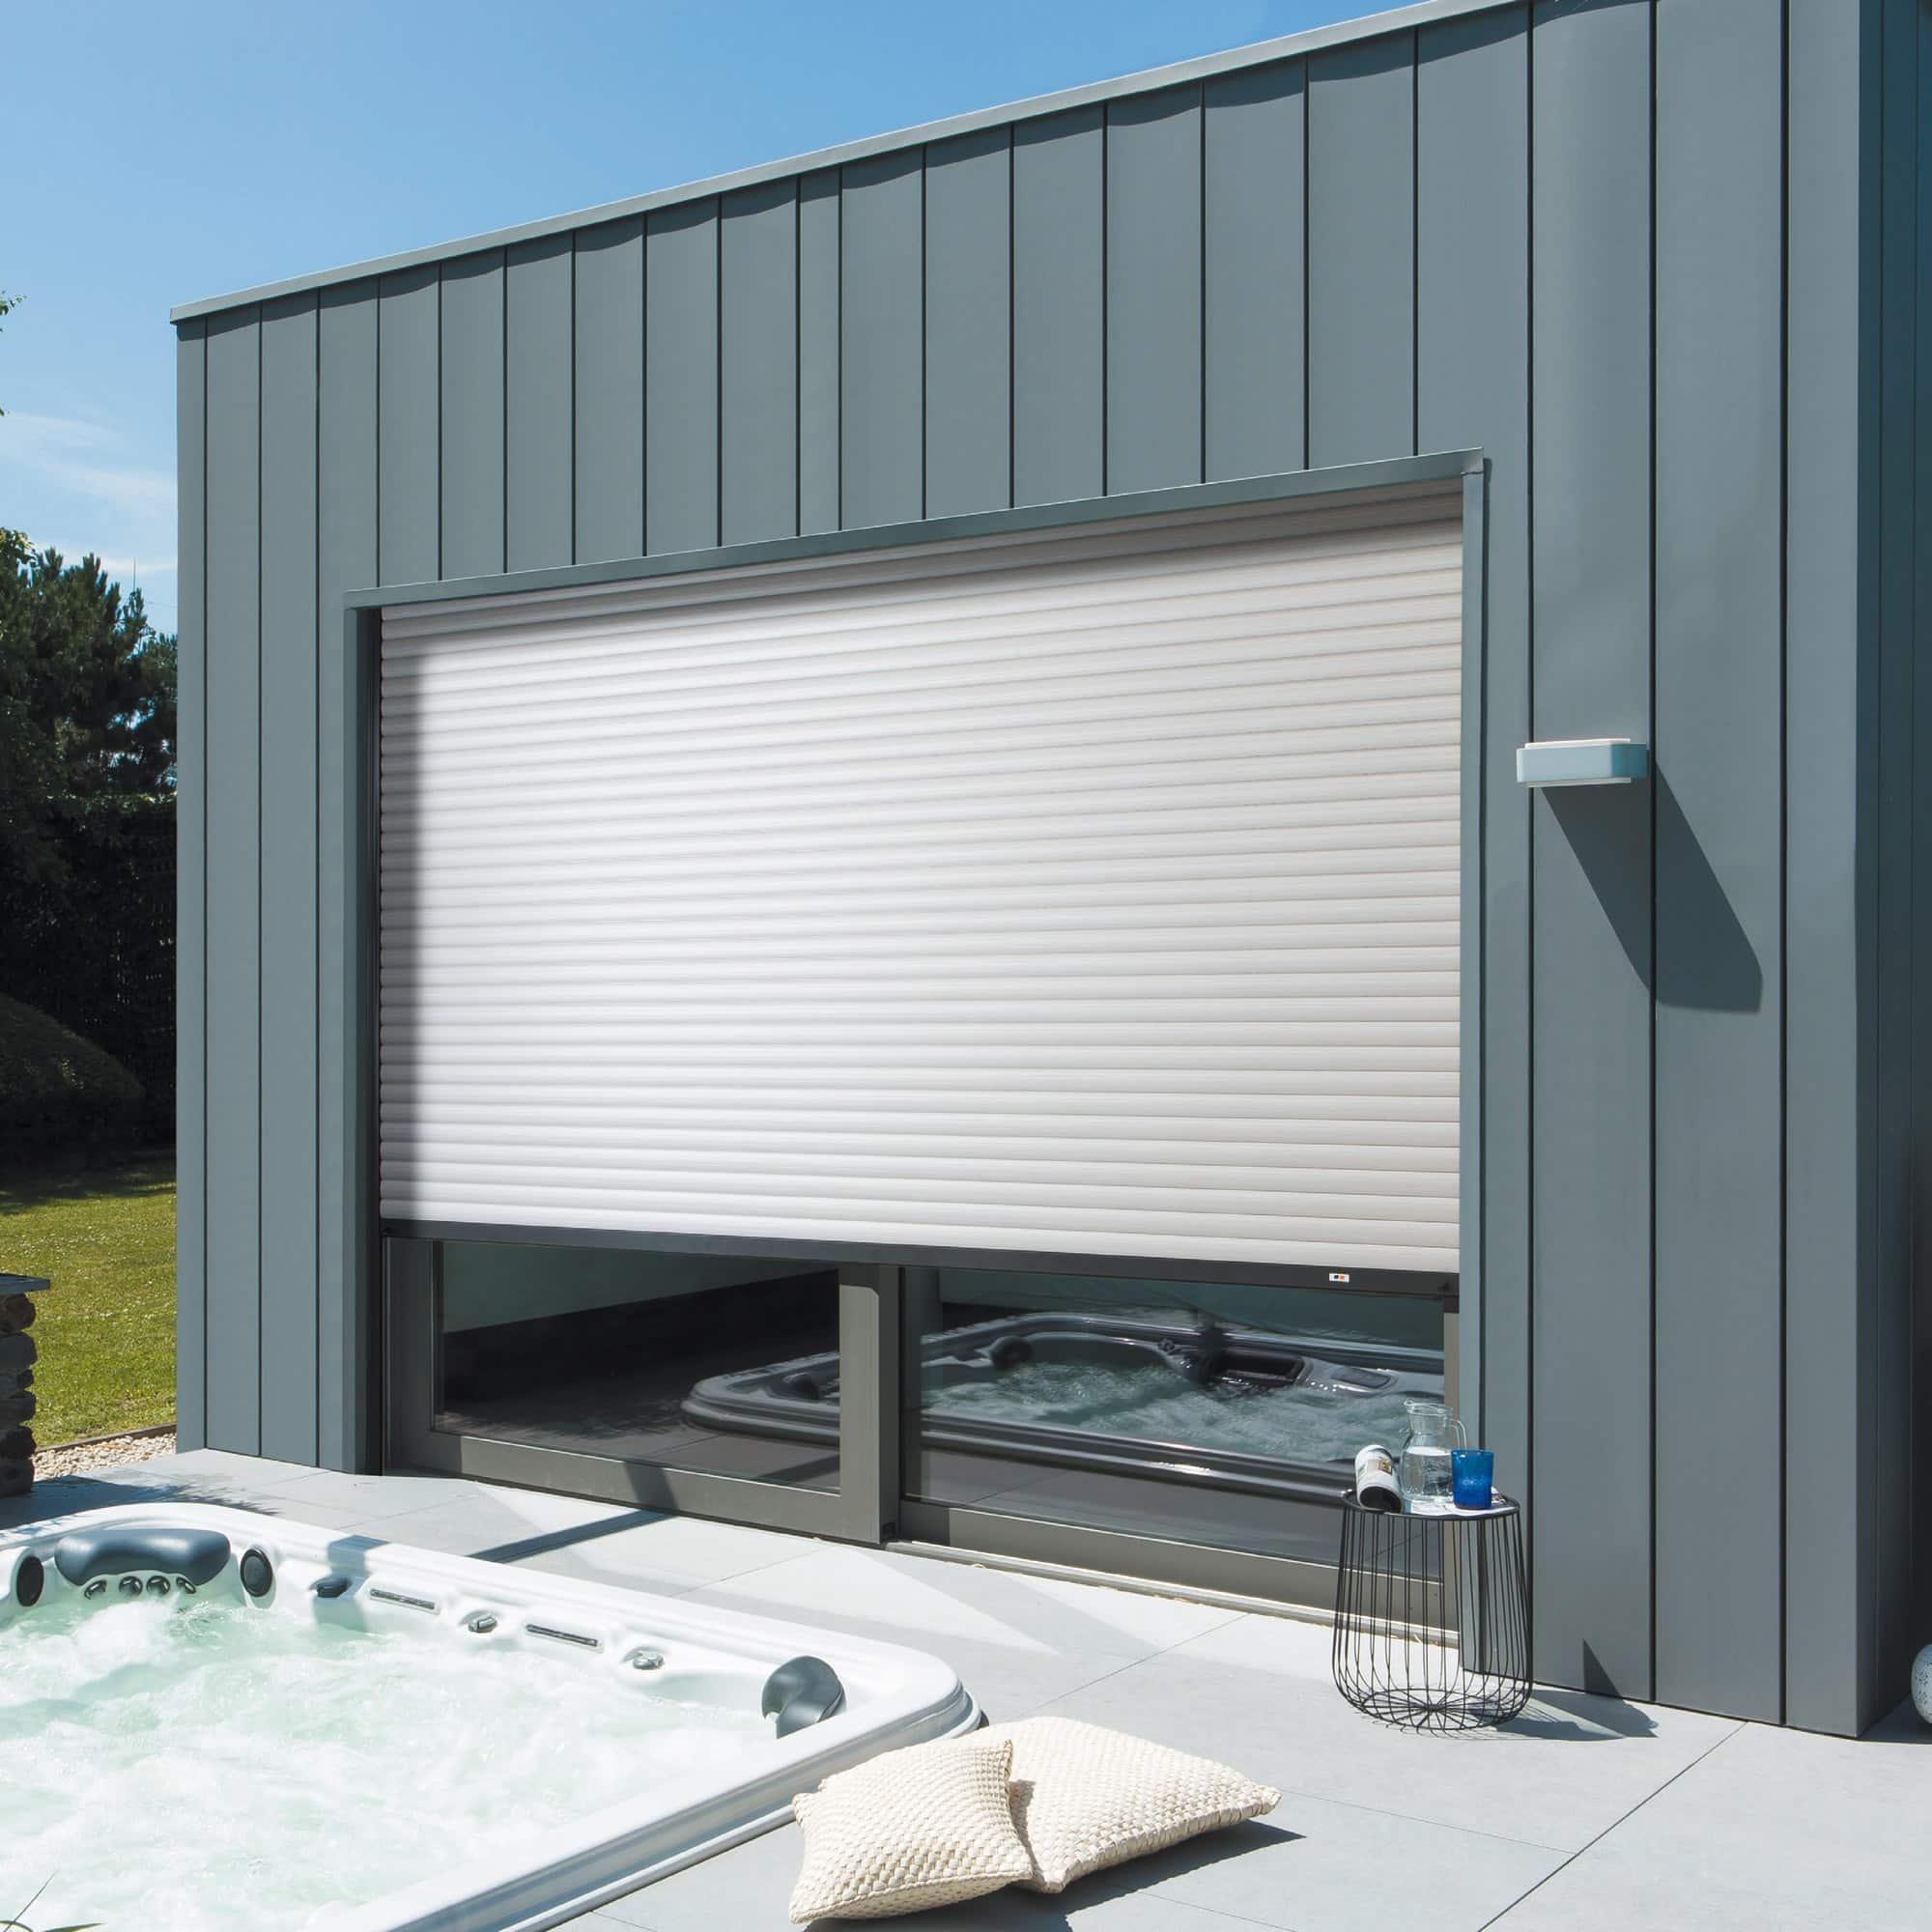 Conseils pour installer une porte de garage - Installer une porte de garage ...